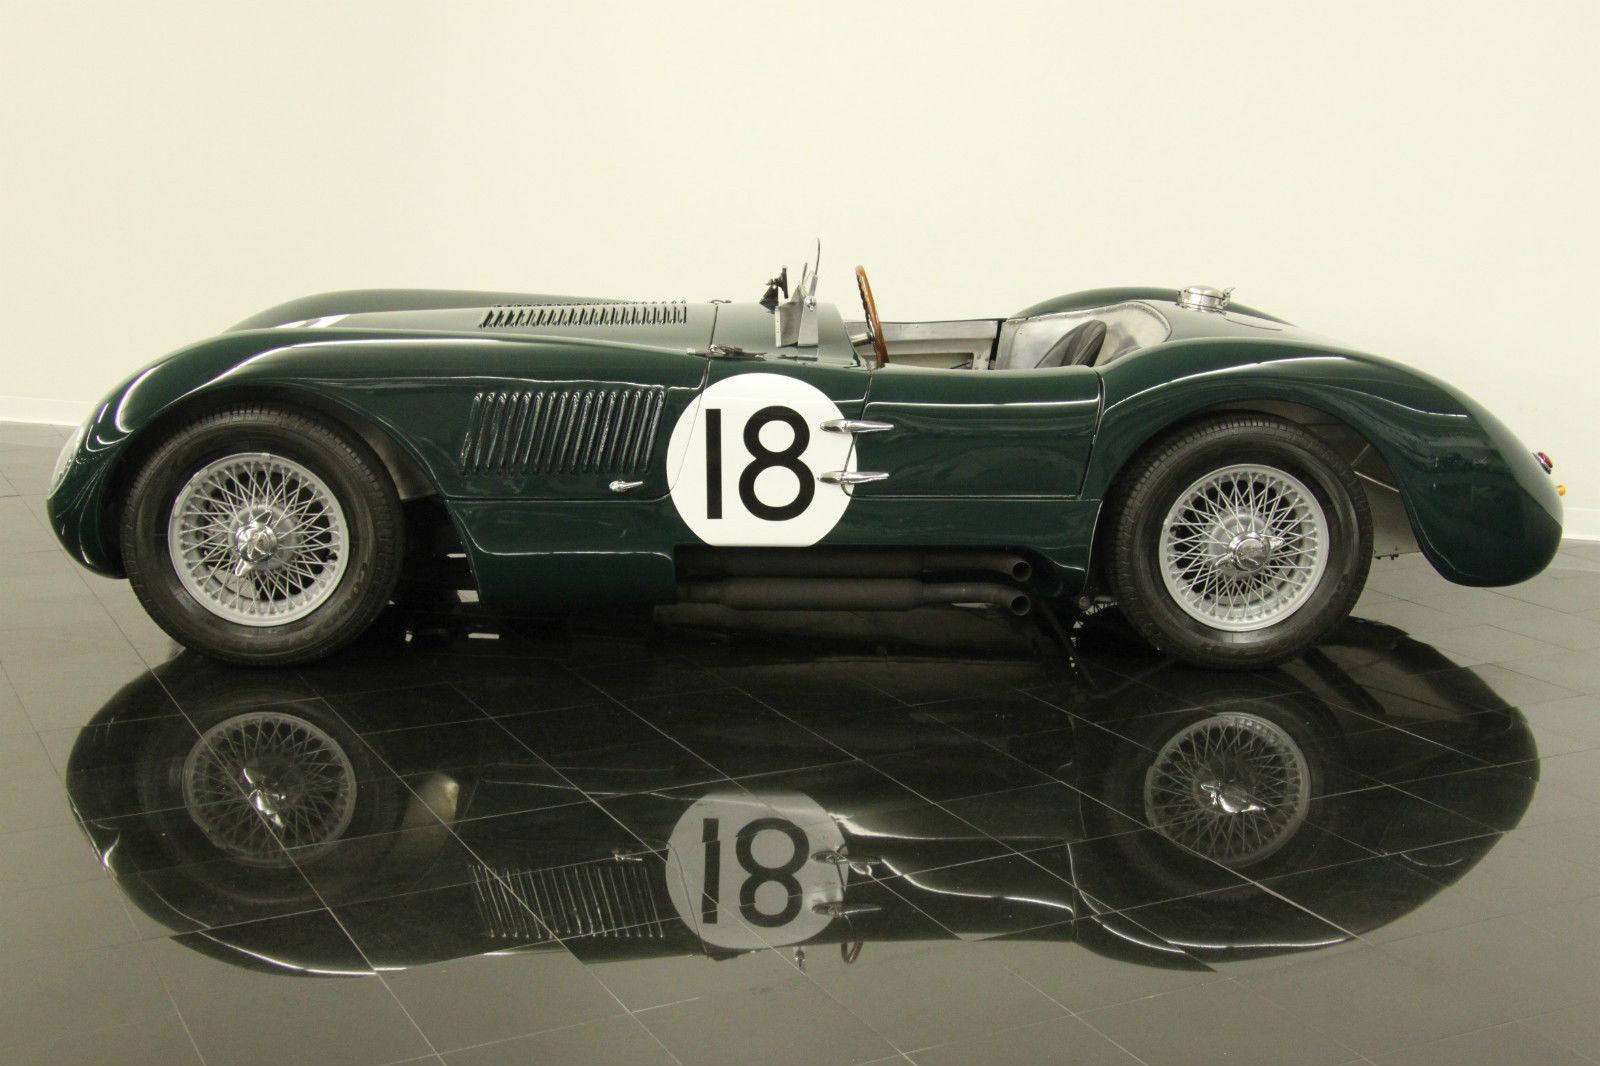 1953 Jaguar C-Type Alloy Body Replica #18 Lemans Racer 4 2L